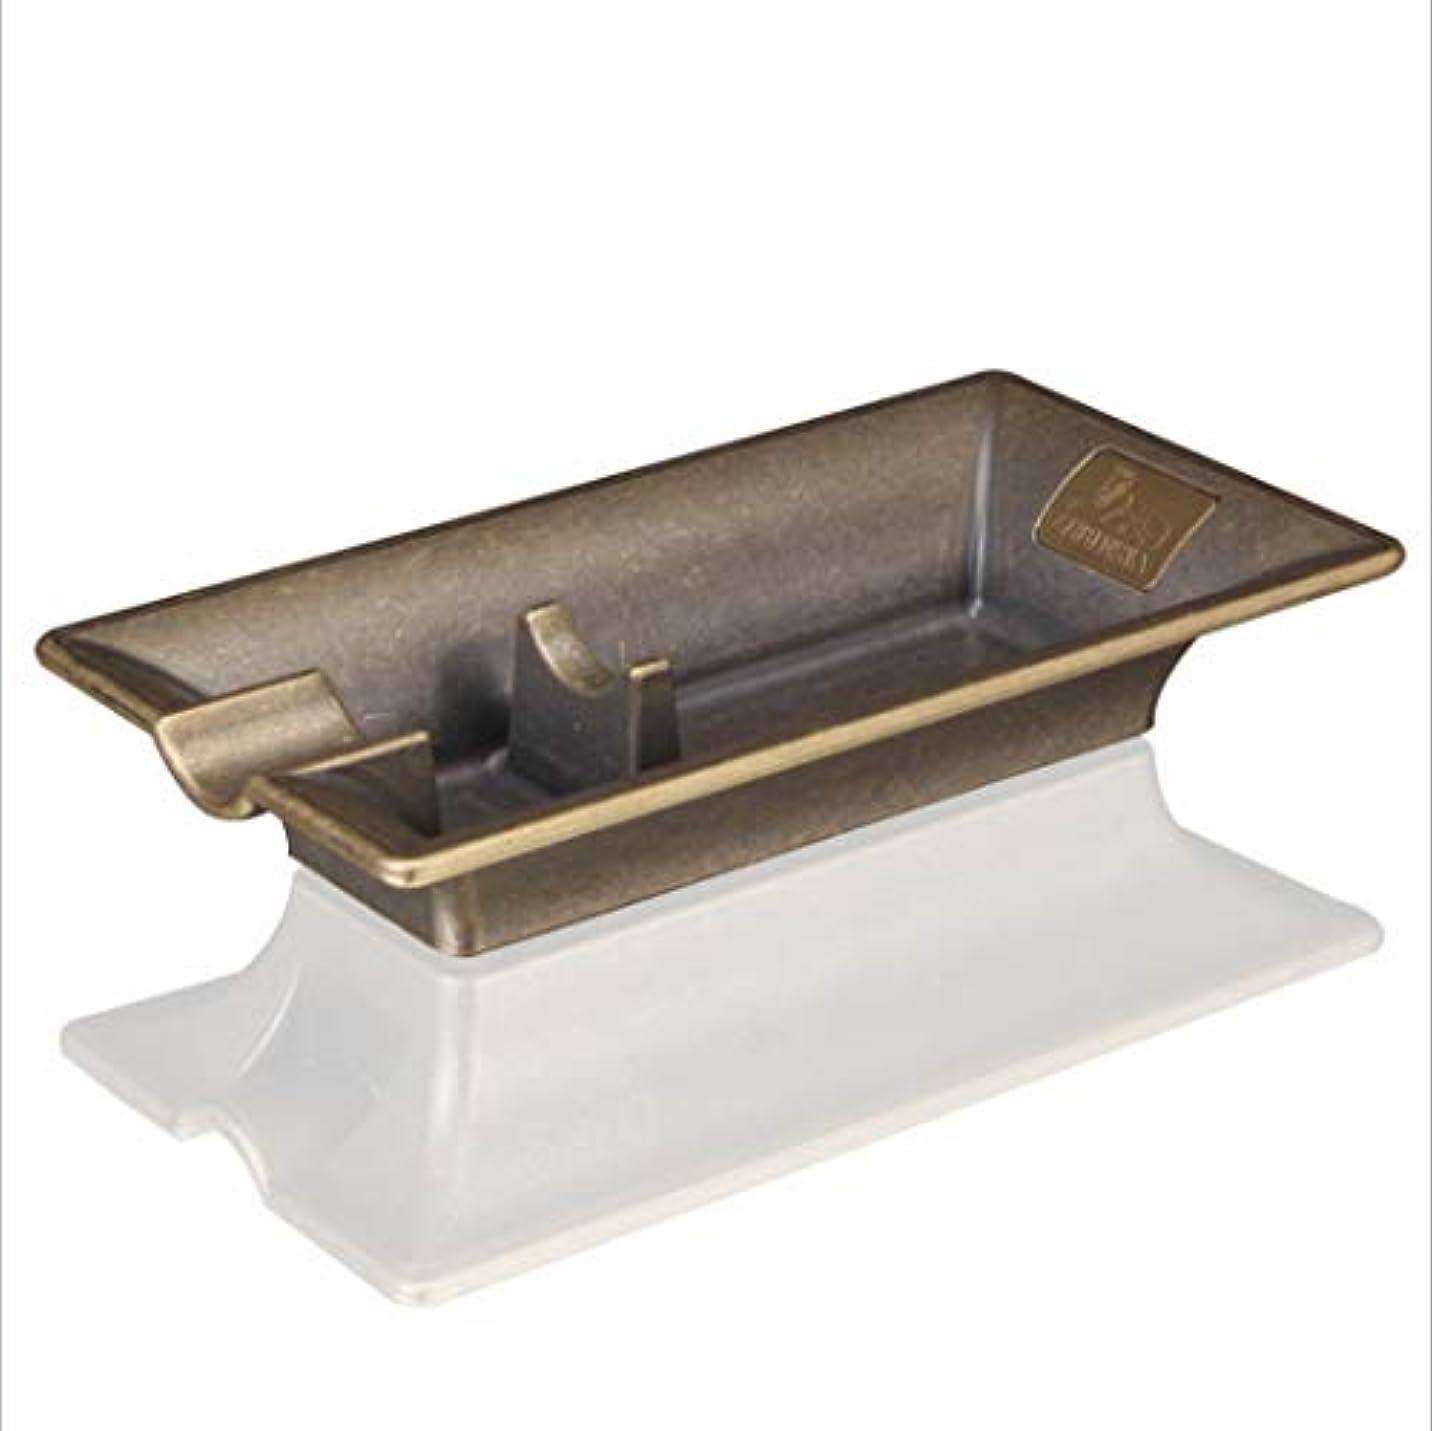 二コンプリート危険にさらされているシガー灰皿高級金属たばこ葉巻灰皿ヴィンテージ旅行灰皿葉巻,Brass